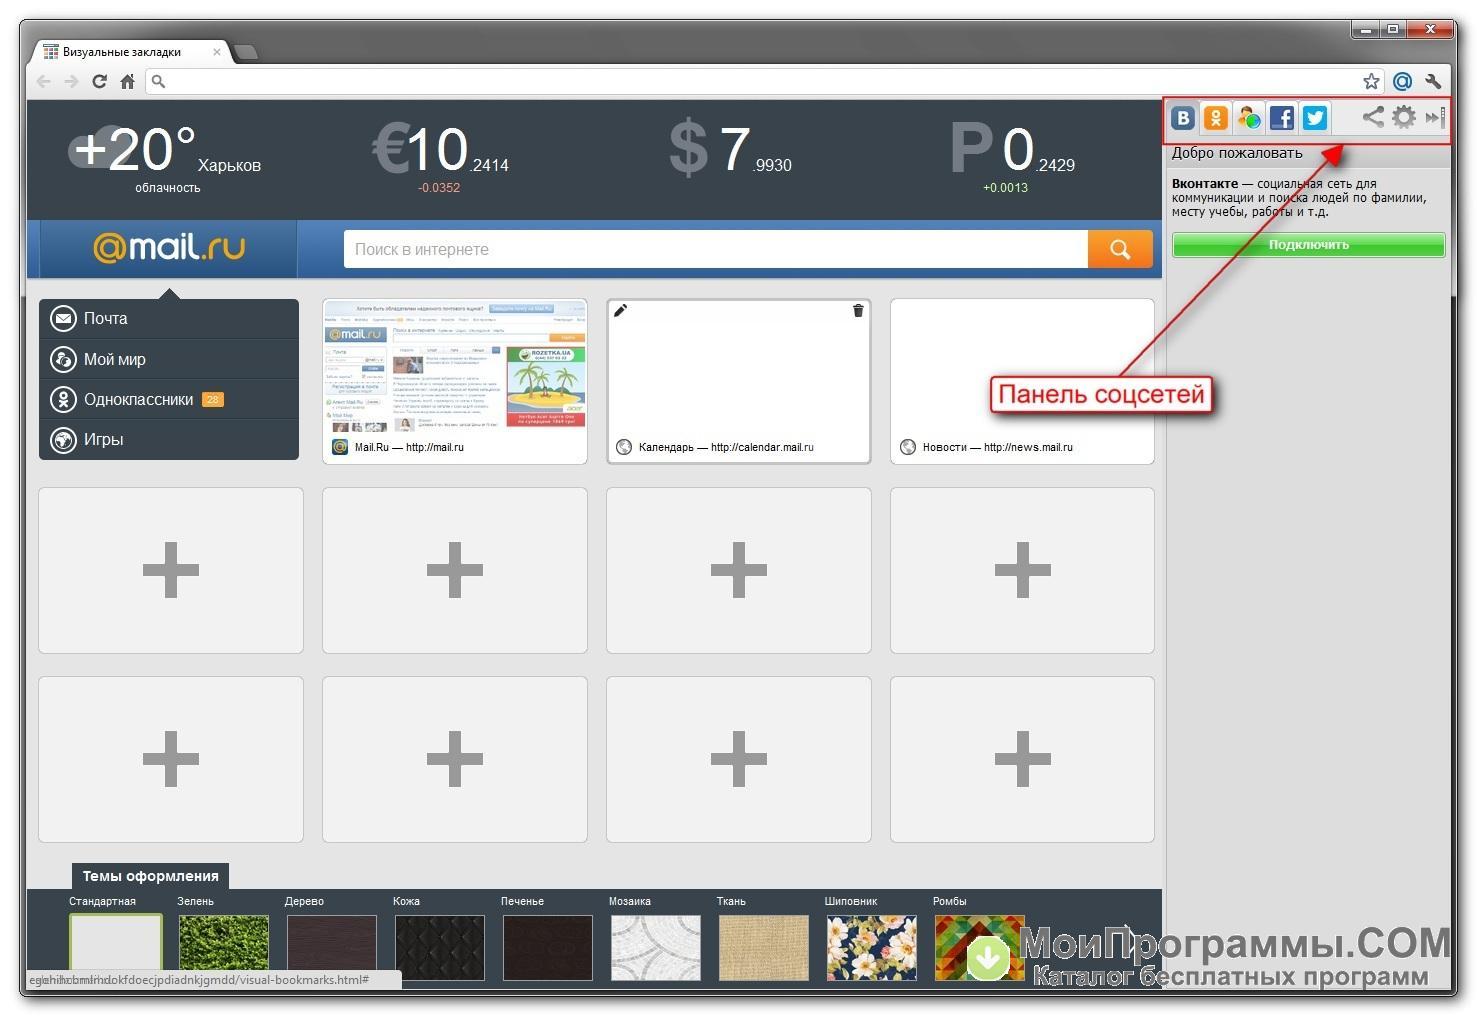 Скриншотер - Сделать скриншот экрана в один клик!